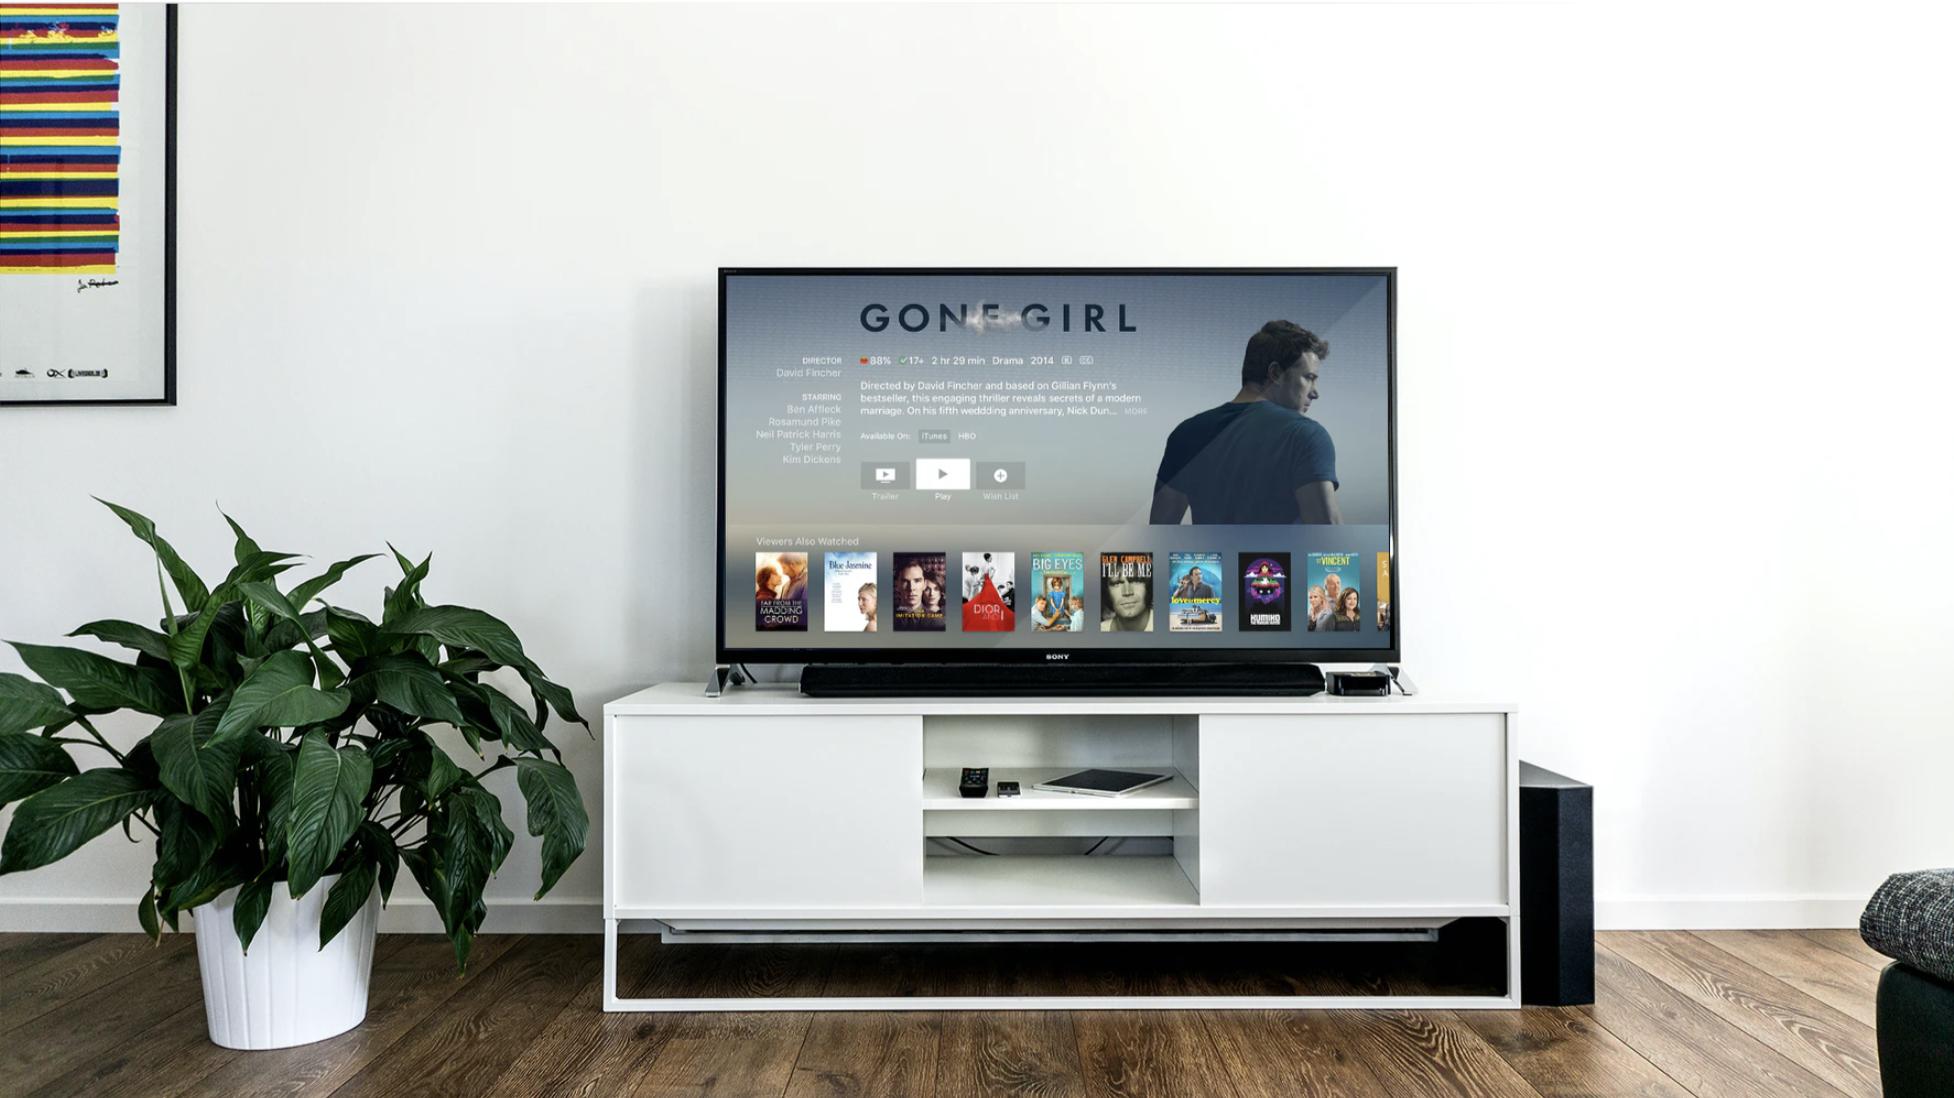 Rusza Polsat Box Go – nowy serwis streamingowy i VOD w polskim Internecie, zastępuje Iplę i Cyfrowy Polsat Go